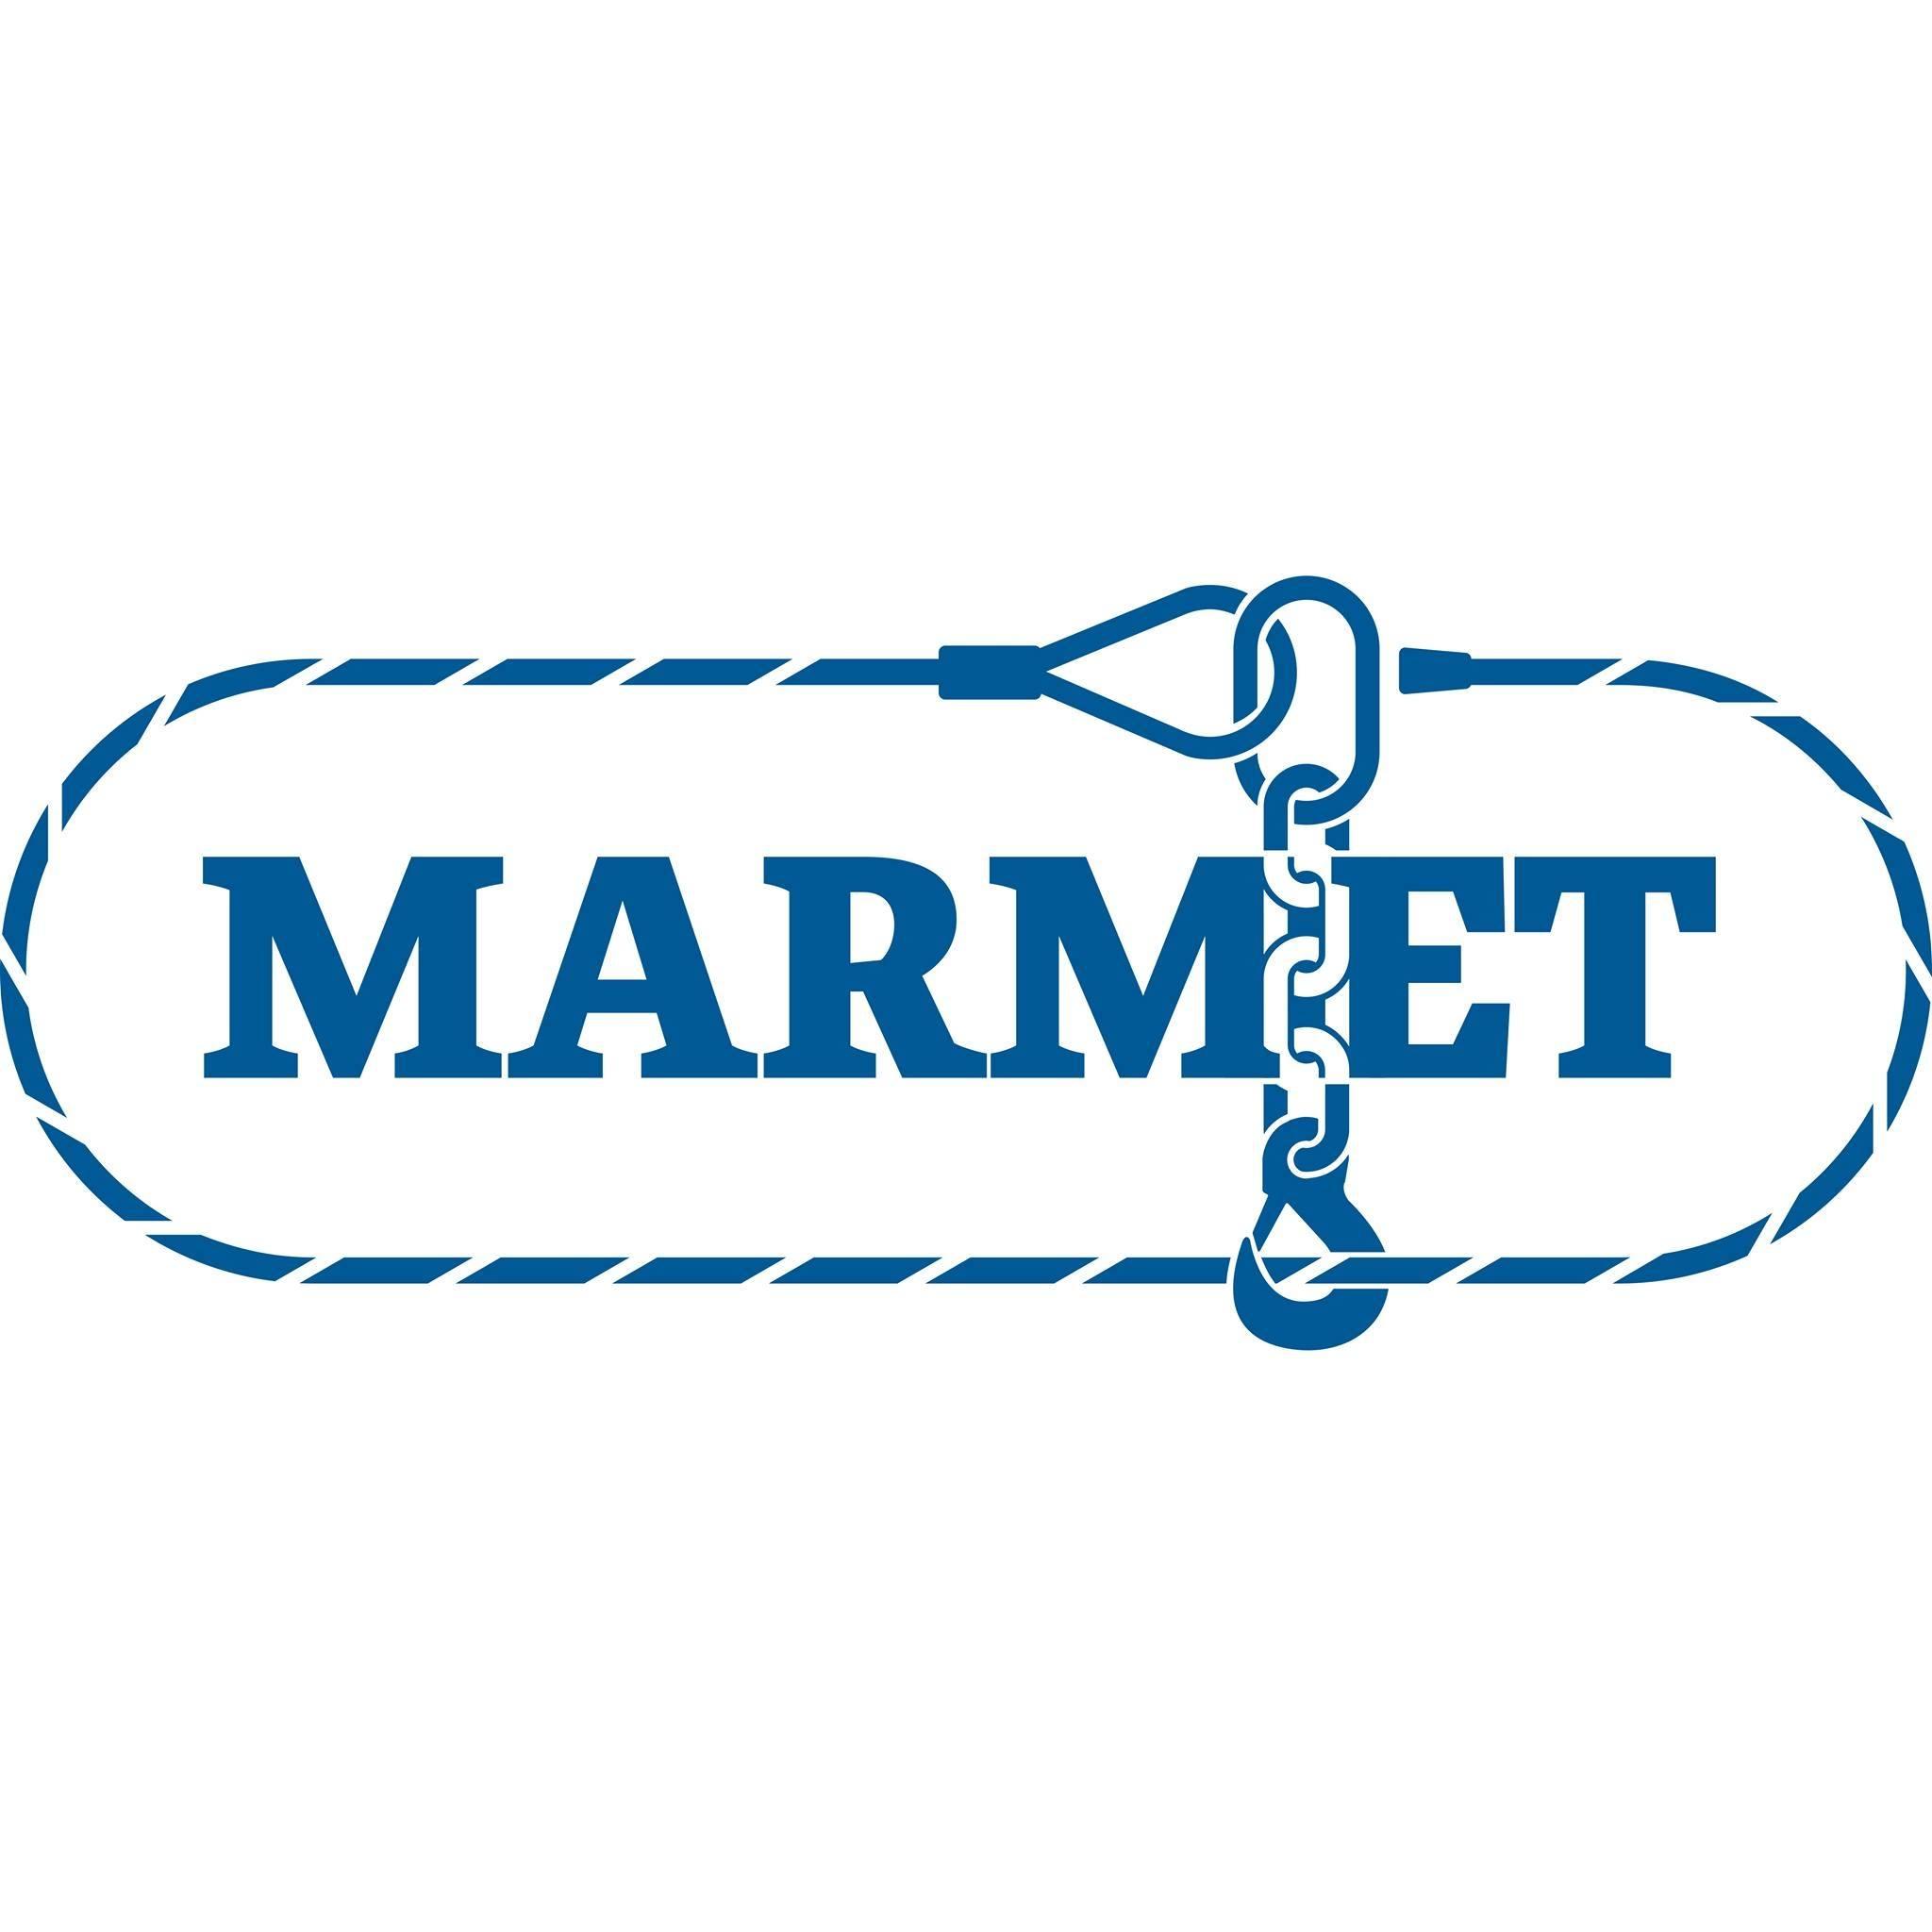 Marmet